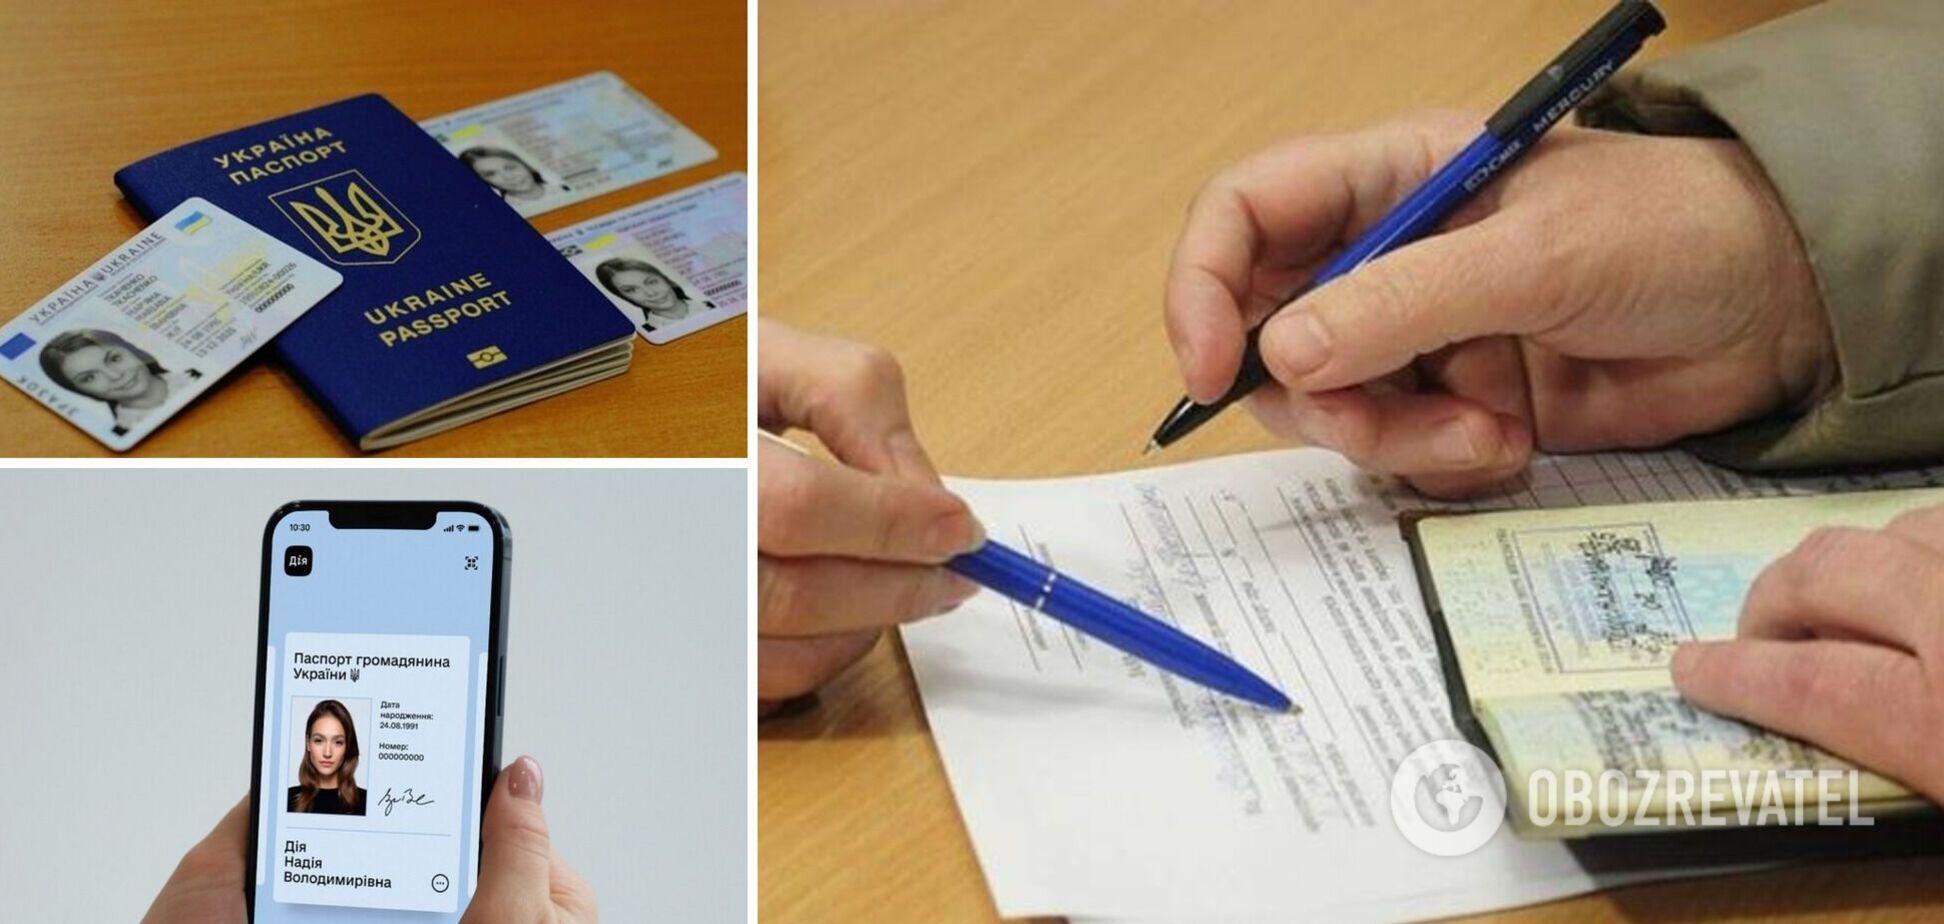 Украинцев оставят без прописки в паспорте: что и зачем предлагают изменить в Кабмине